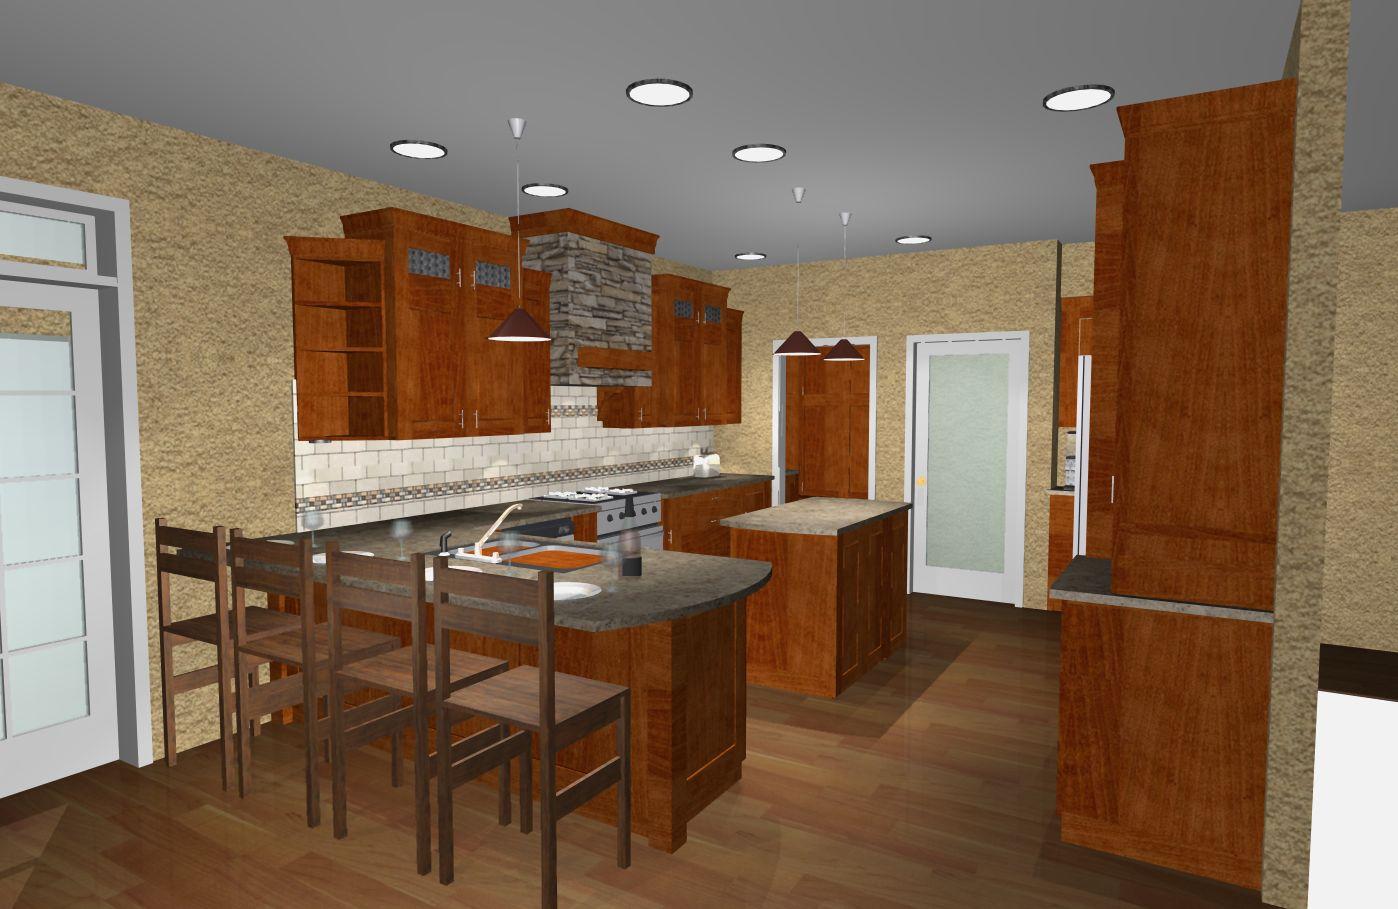 H Kitchen Good